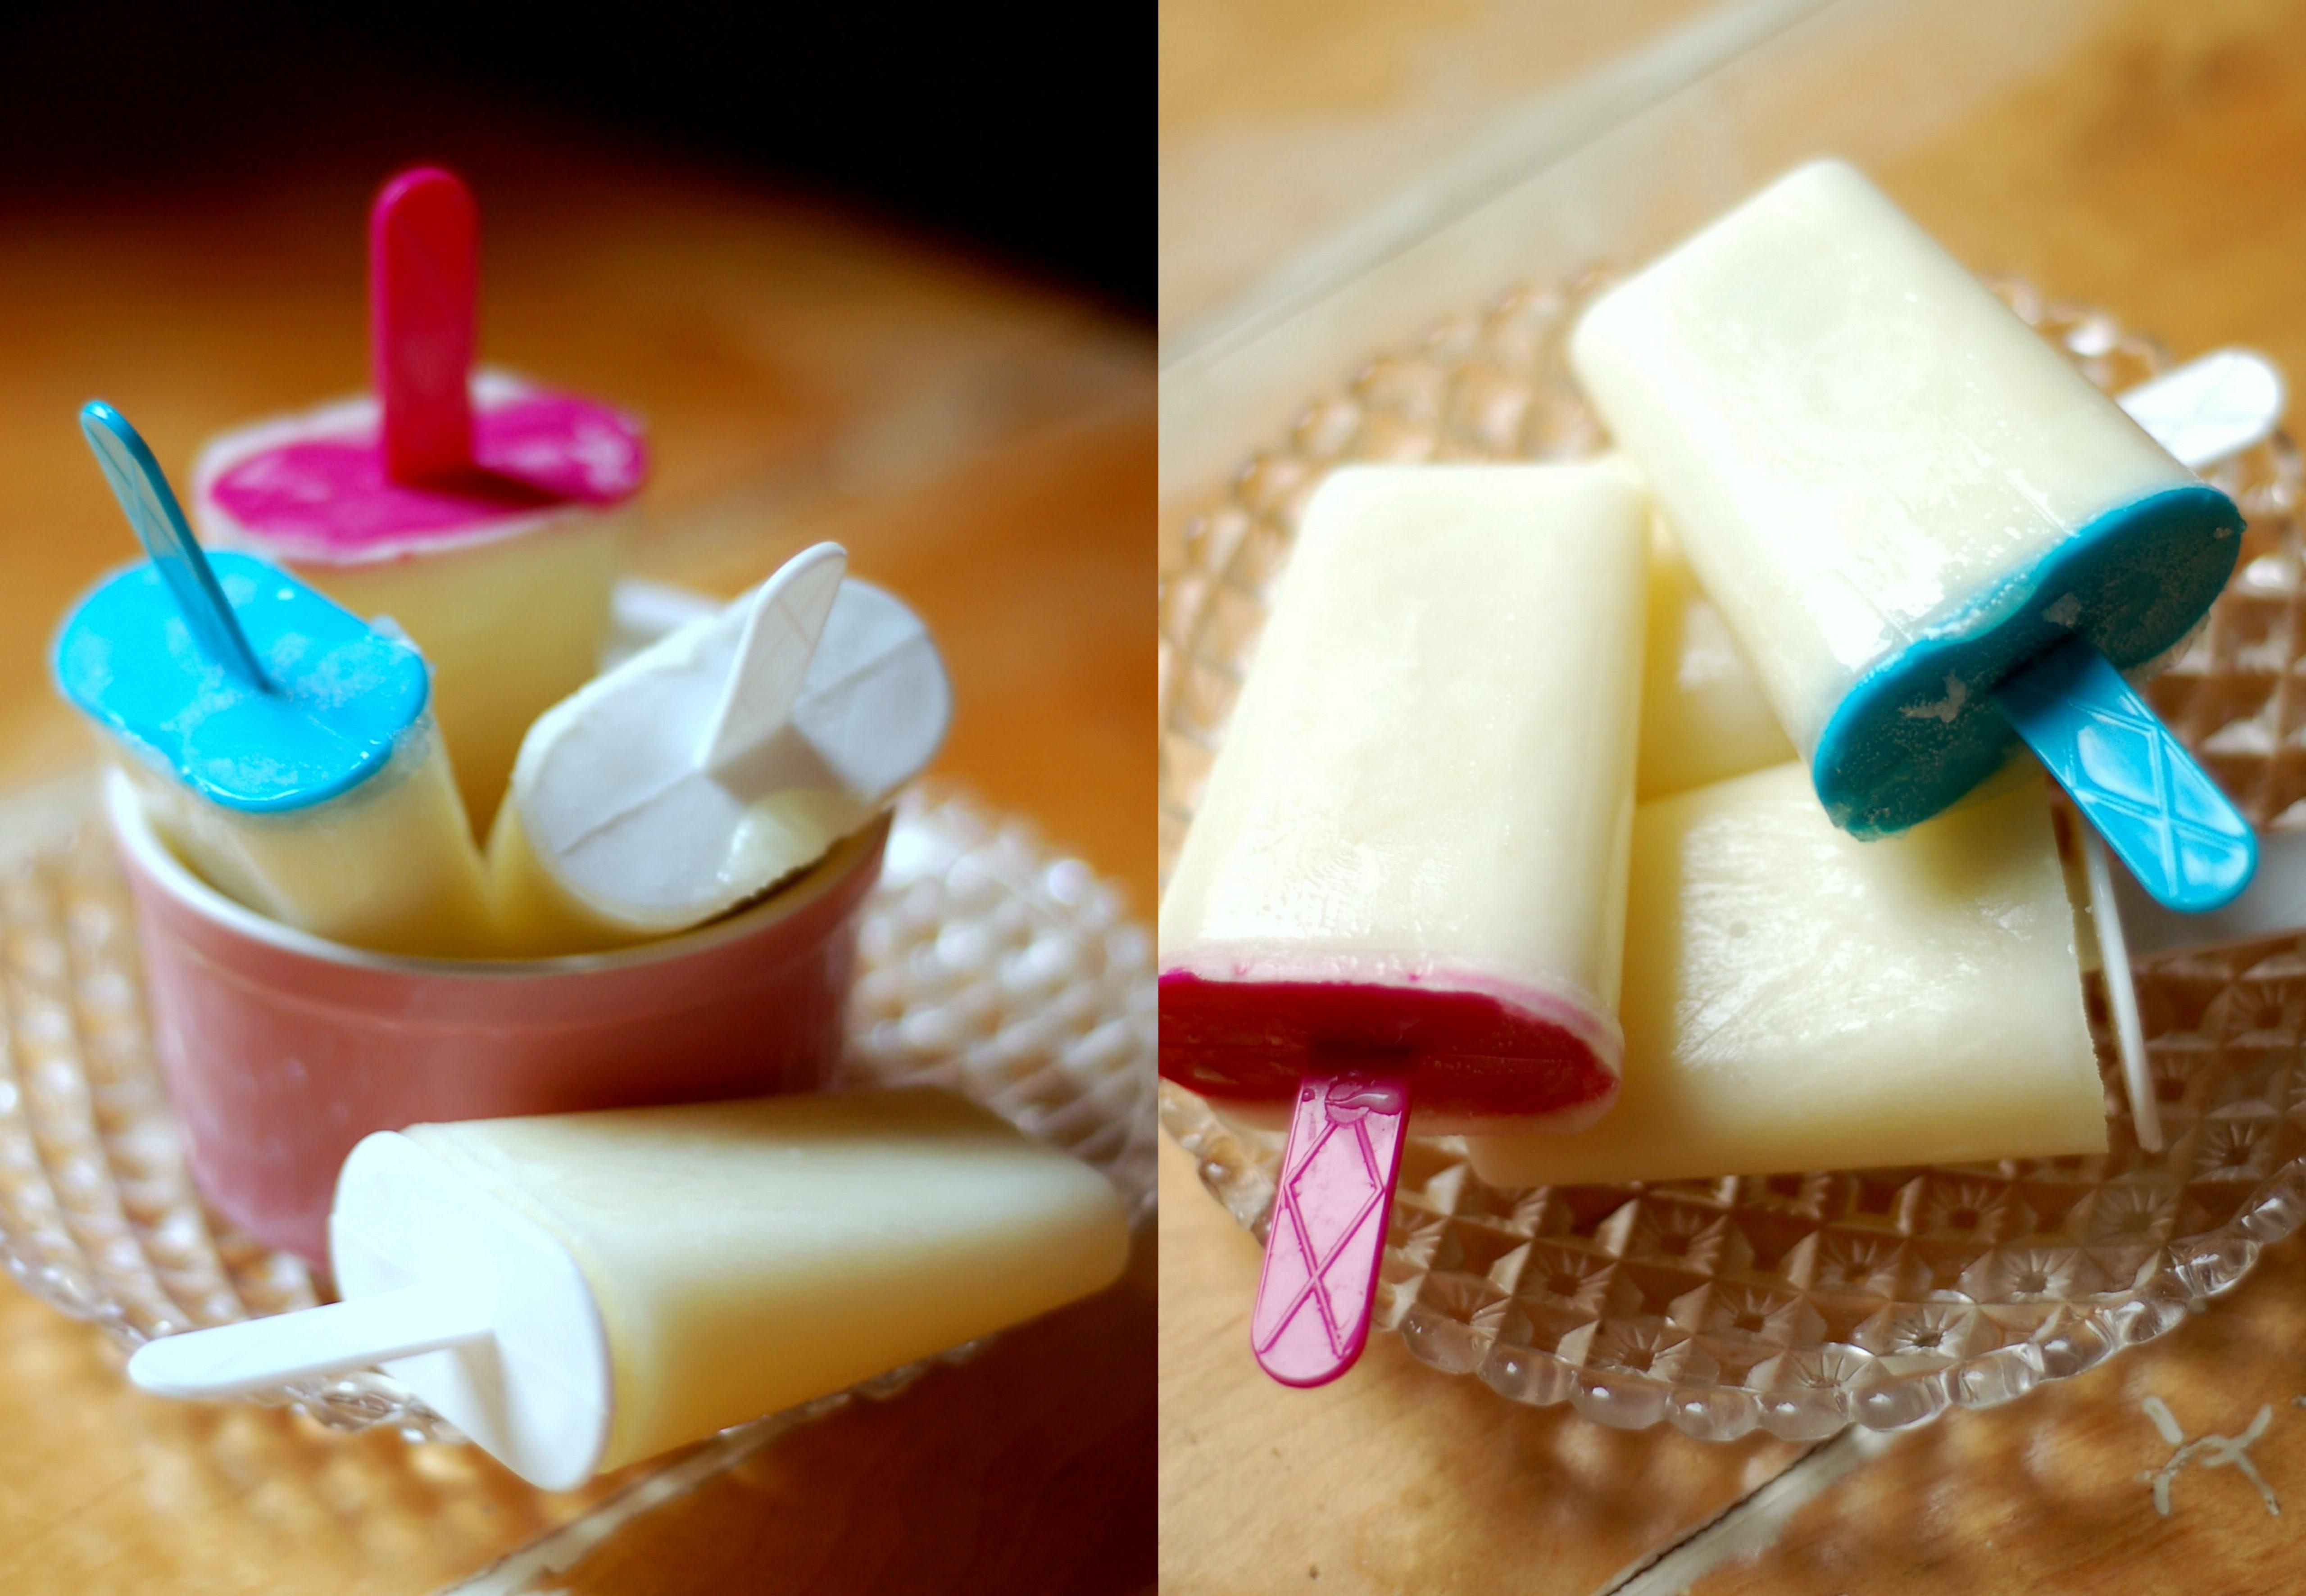 Kan man frysa yoghurt